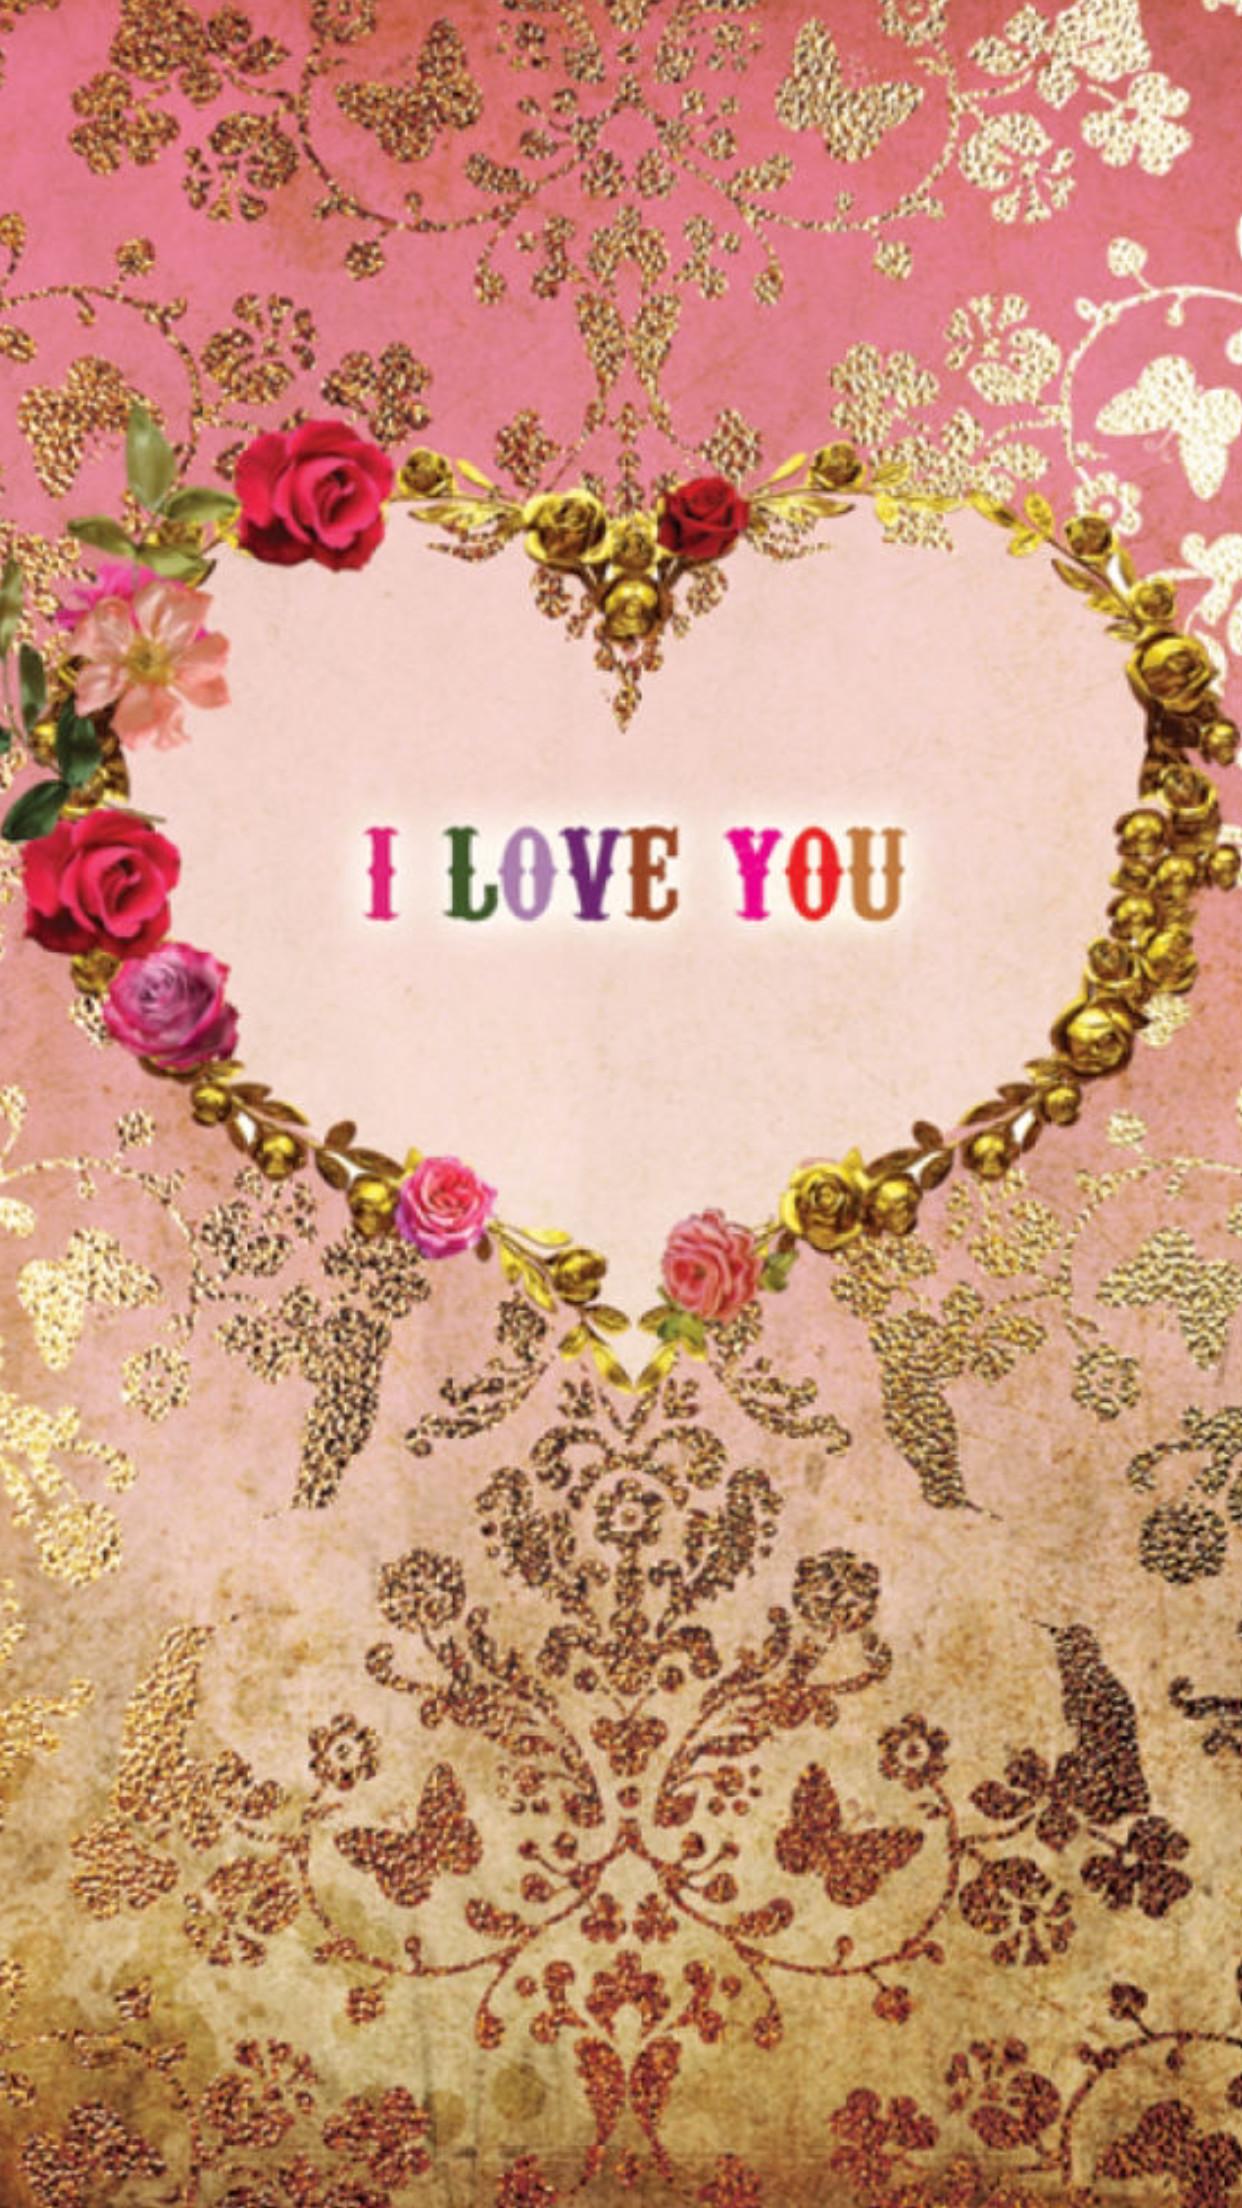 Good Wallpaper Love Iphone 6 Plus - 149474  Gallery_852097.jpg